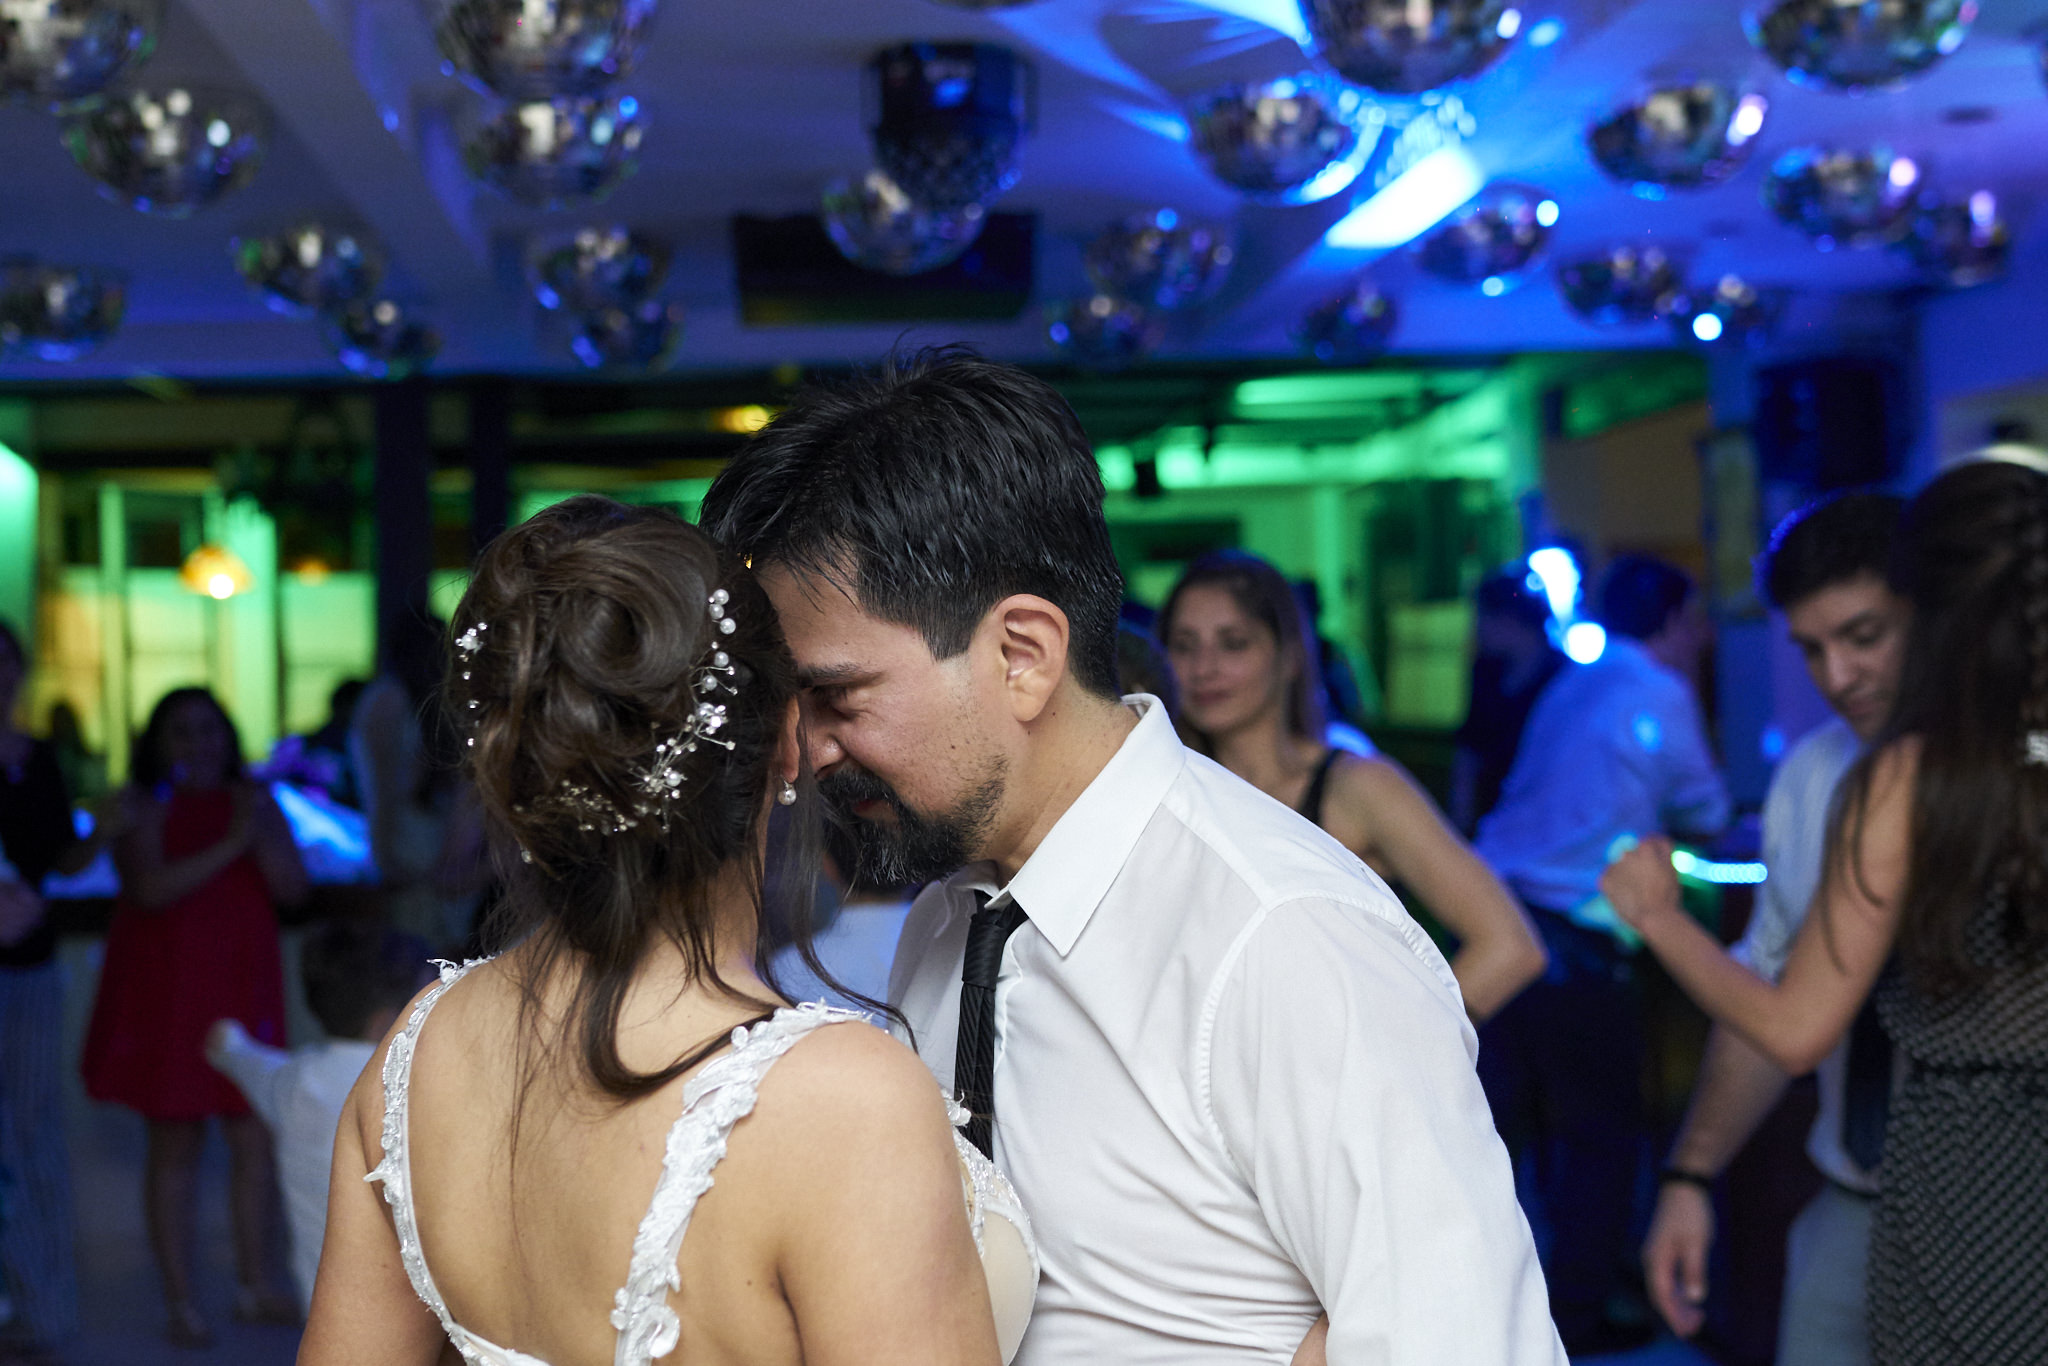 Fotografo de Bodas Cordoba LME01334.jpg